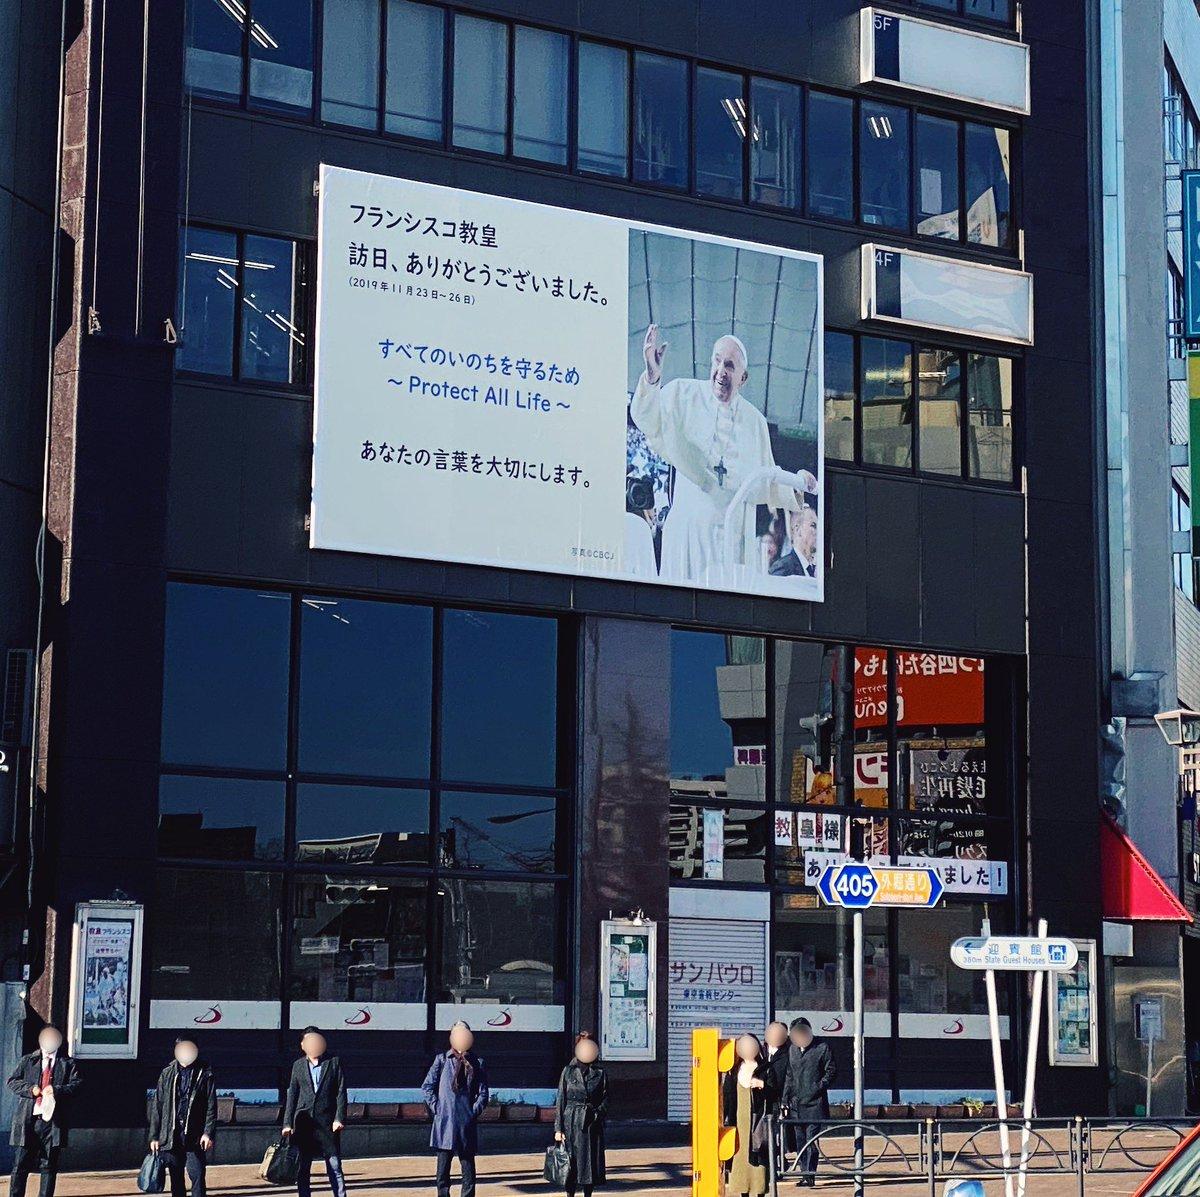 サンパウロビルの正面看板が教皇訪日「感謝」の看板にかわりました。  #野外広告 #看板 #広告 #サンパウロ #サンパウロビル #サンパウロ書店 #サンパウロ聖品販売 #目印の看板 #教皇 #景色 #四谷 #四谷見附 #東京 #TomaP https://t.co/L9KVjLXuHu